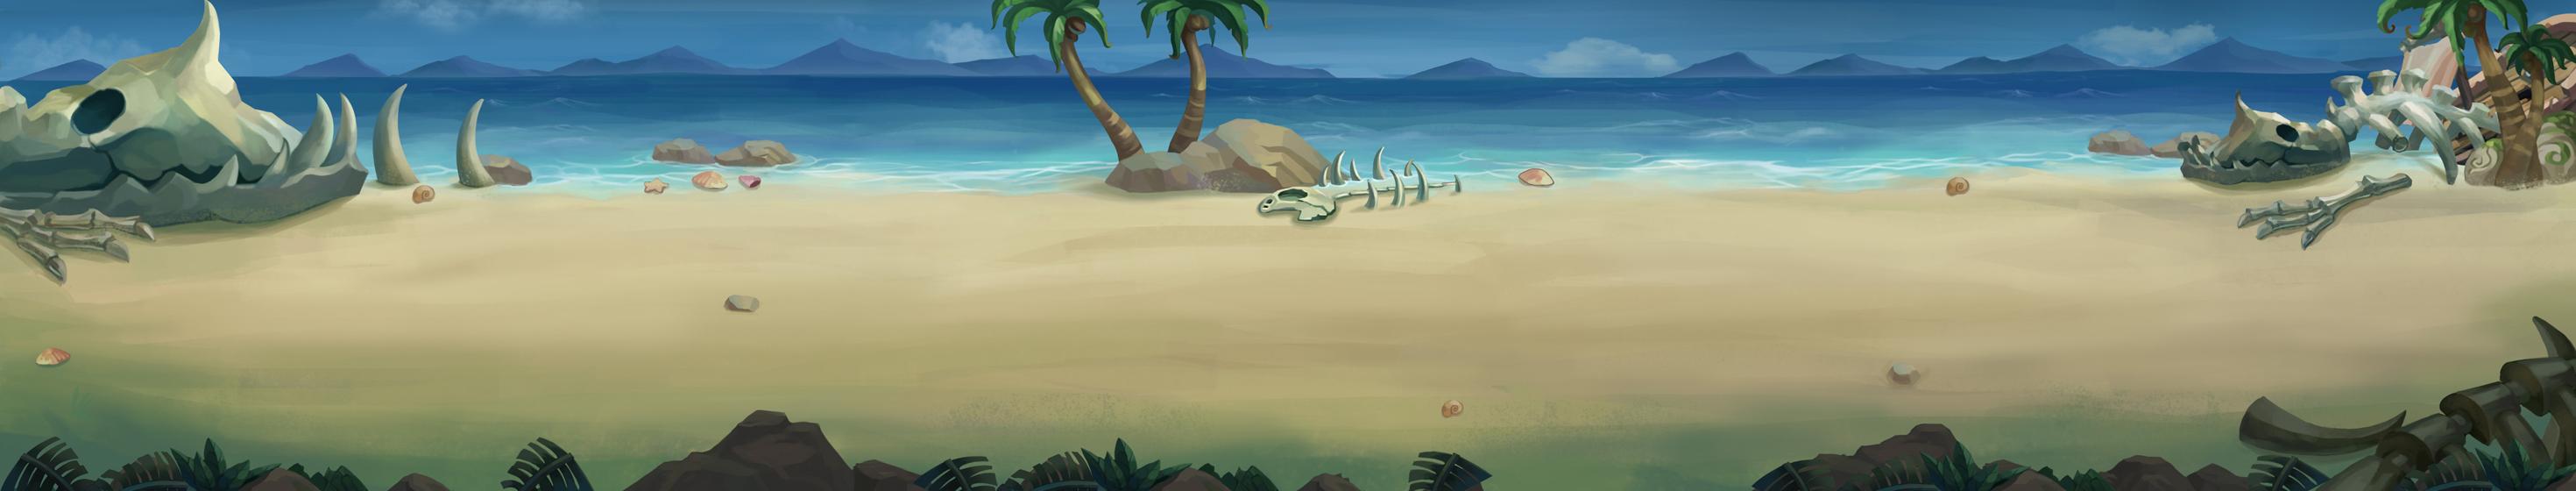 英魂猎手游戏截图2